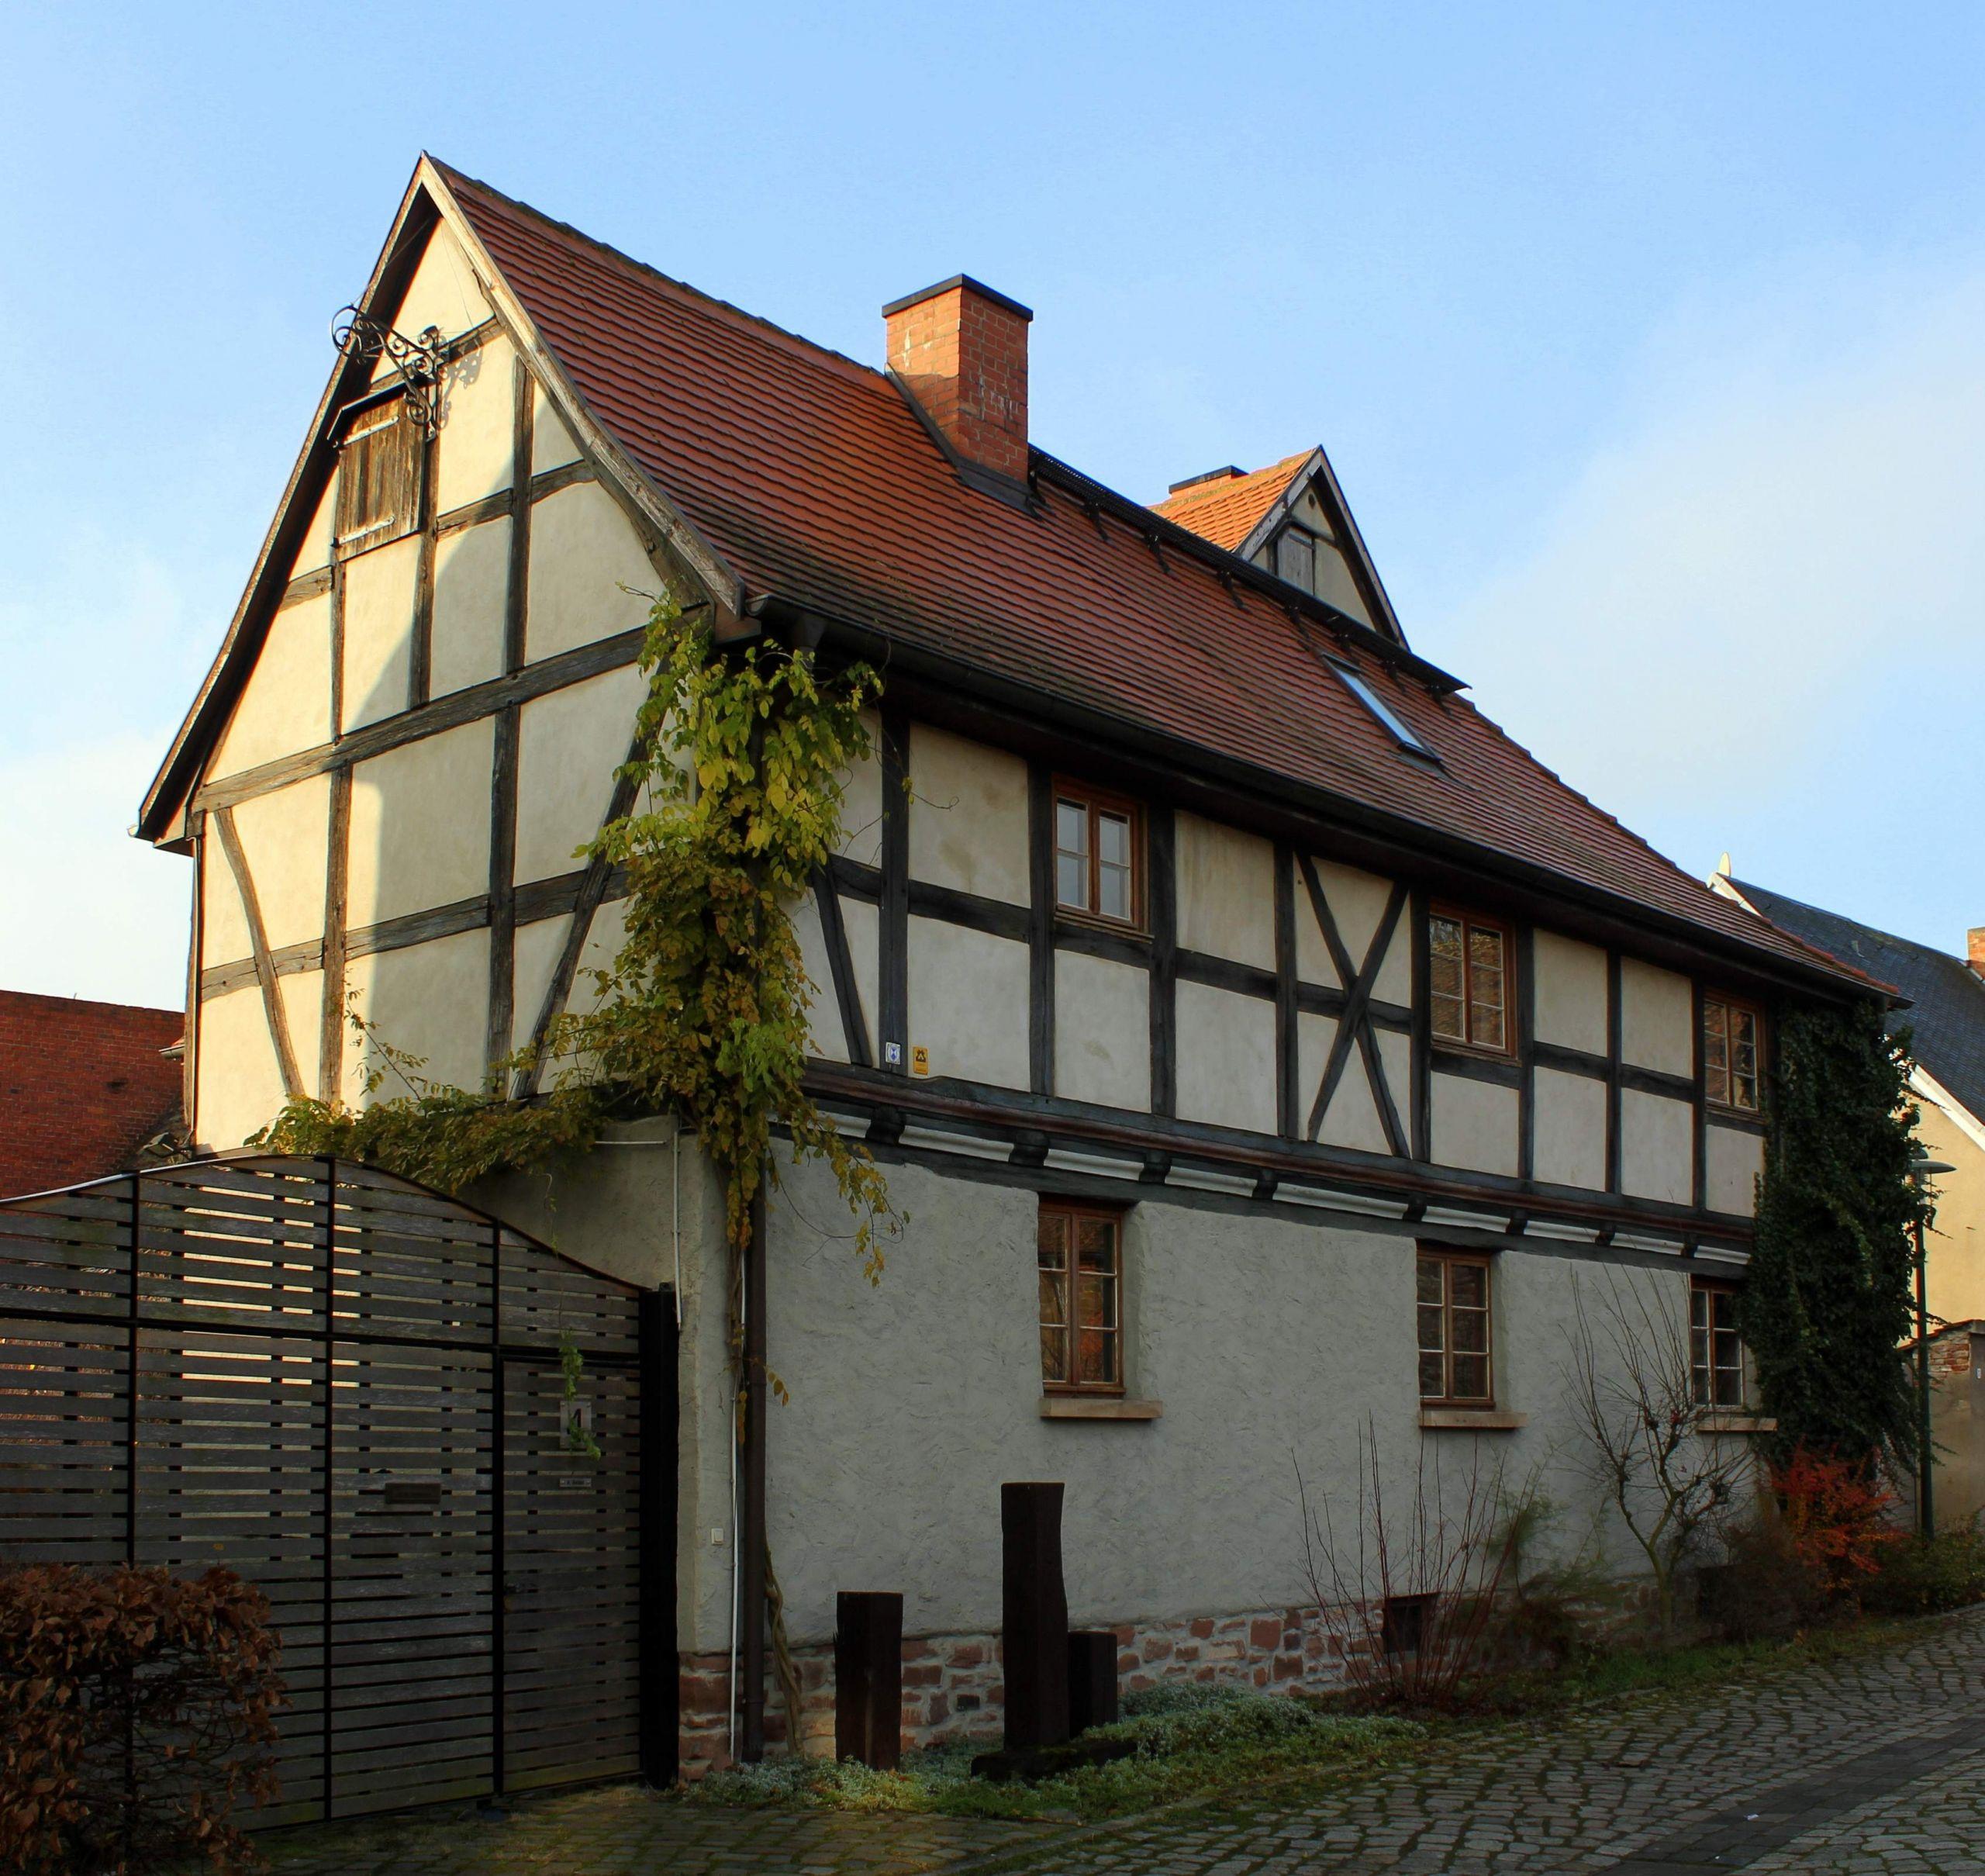 Wohnhaus Alte Dorfstraße 4 Meitzendorf 1 JPG